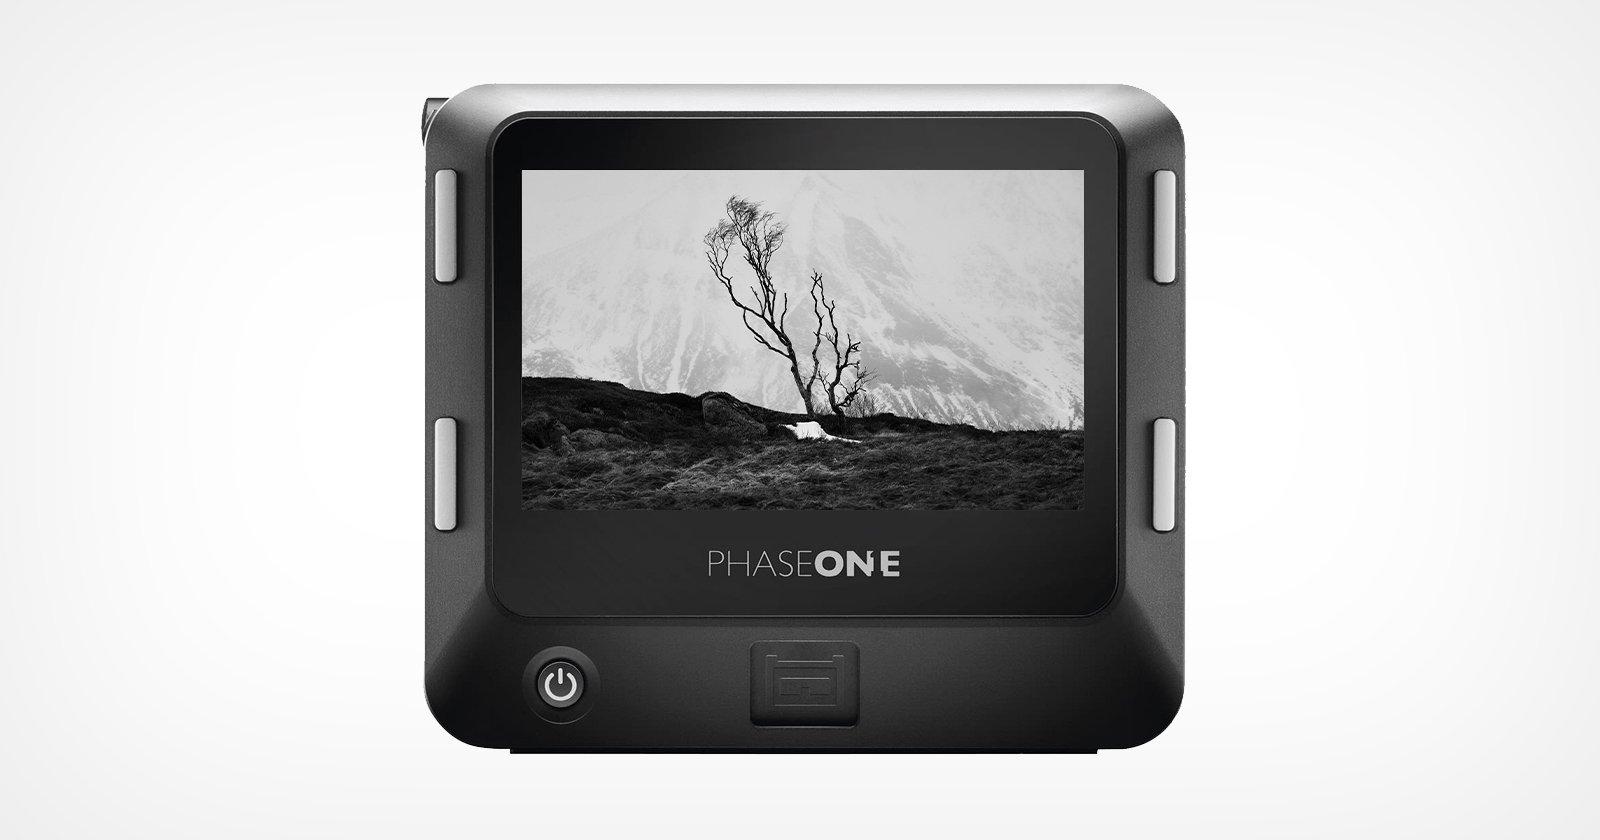 Le fotocamere digitali solo in bianco e nero sono pazze al giorno d'oggi?